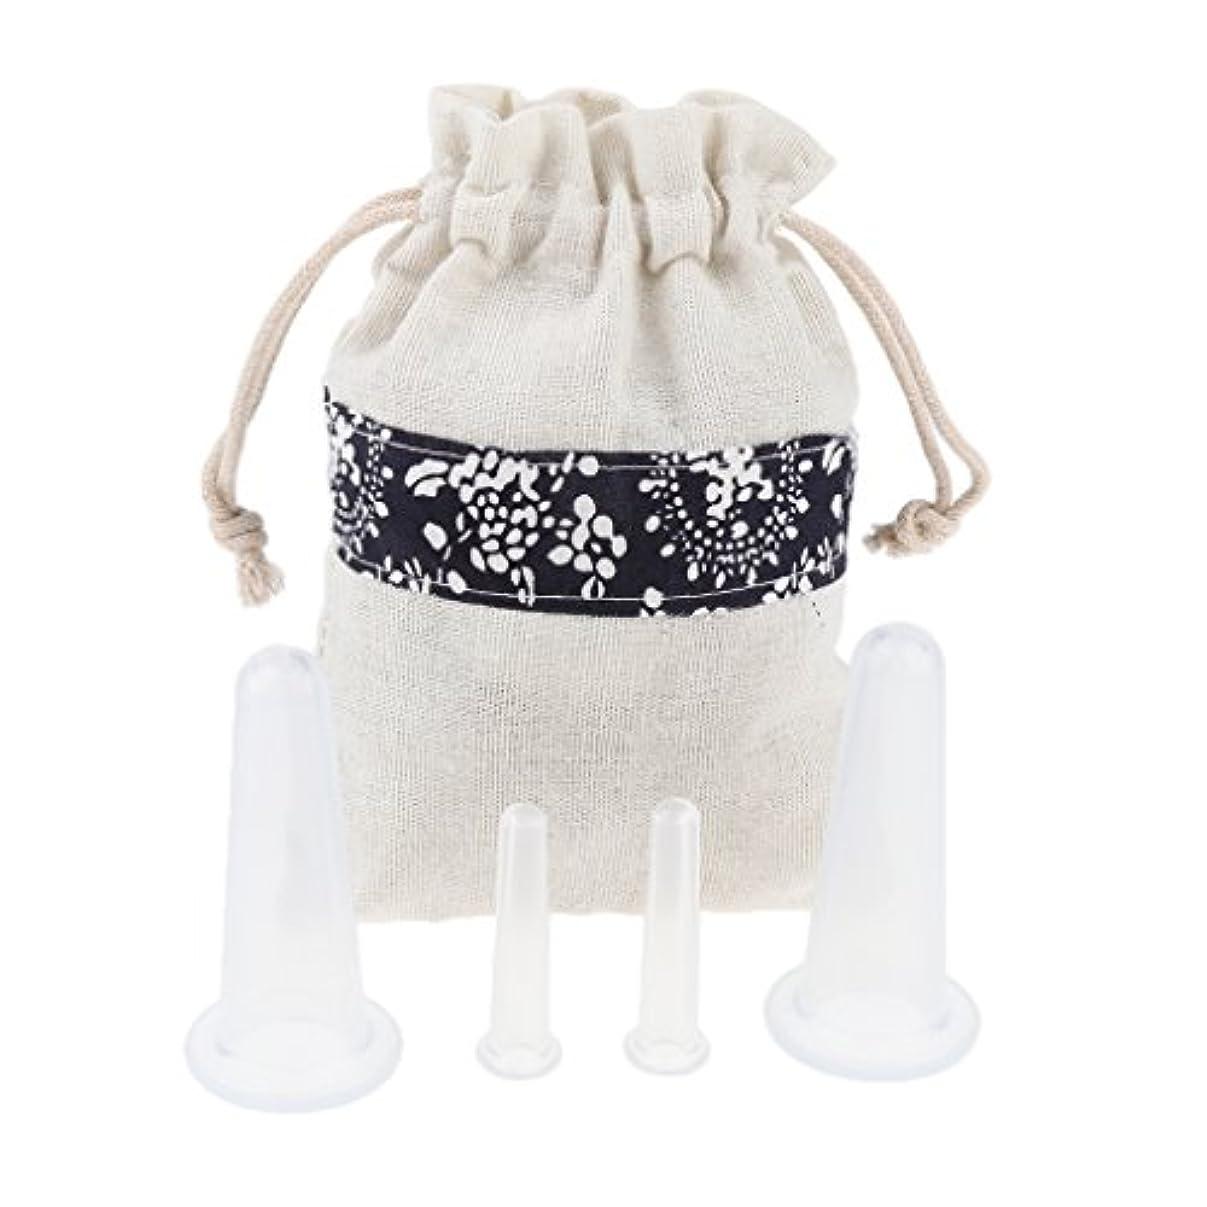 安価なパリティゆりかごFenteer 4個 マッサージカップ カッピング ボディー マッサージ カップ 収納ポーチ 収納袋